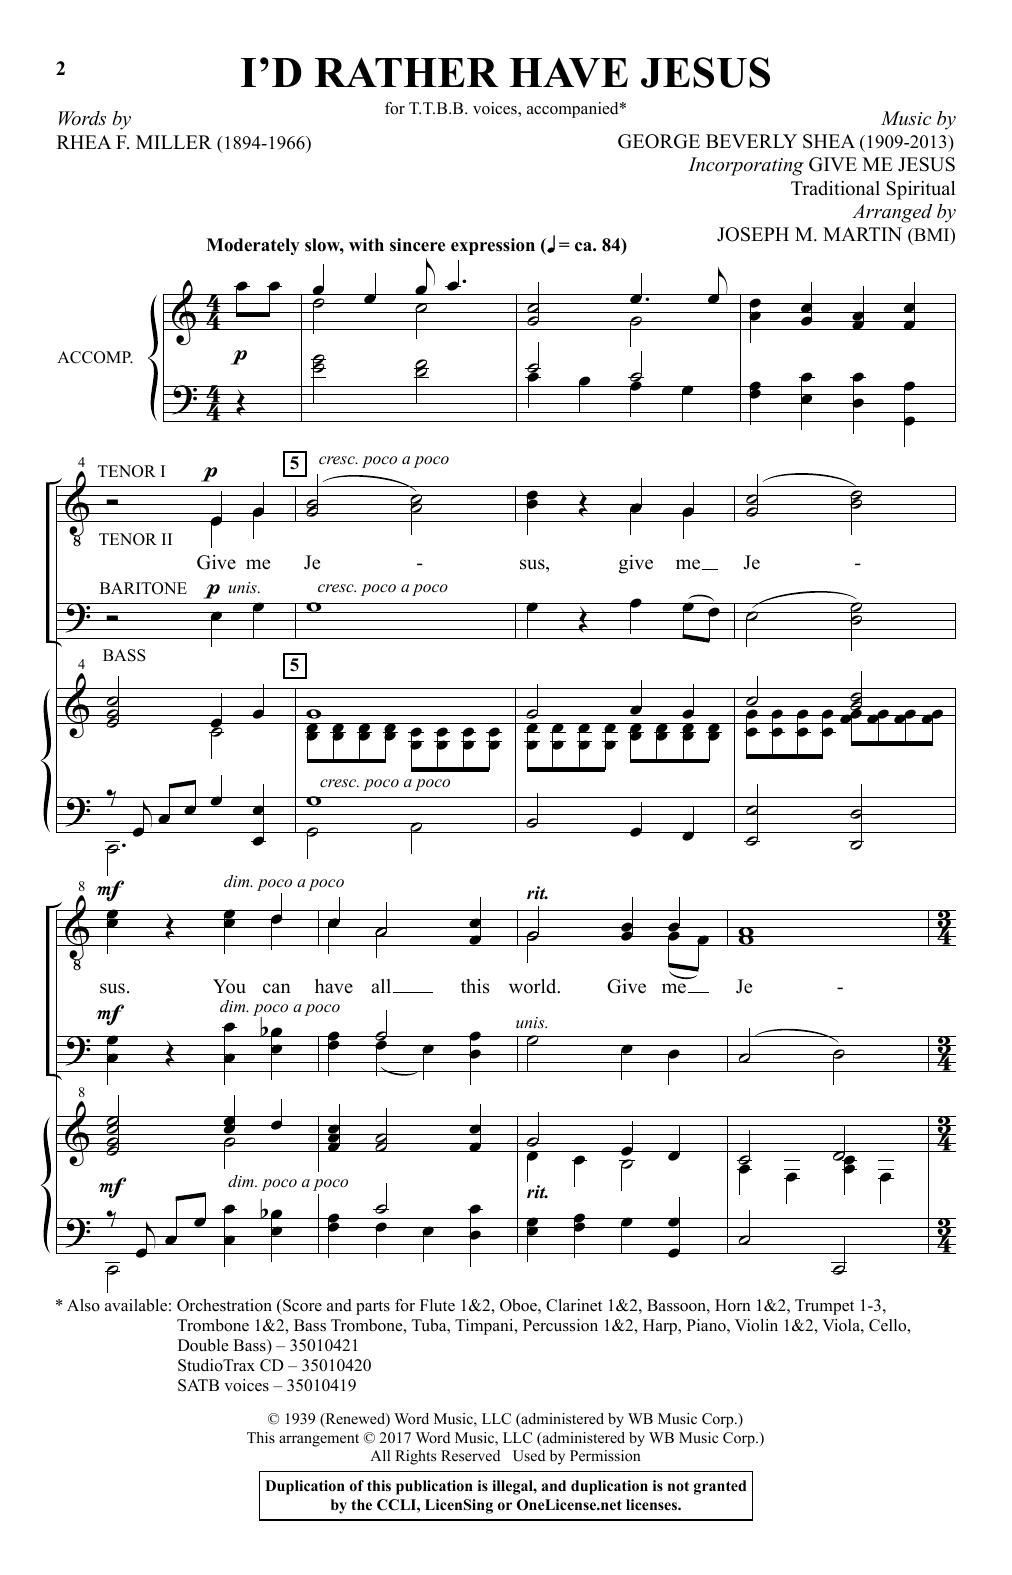 I'd Rather Have Jesus (TTBB Choir)